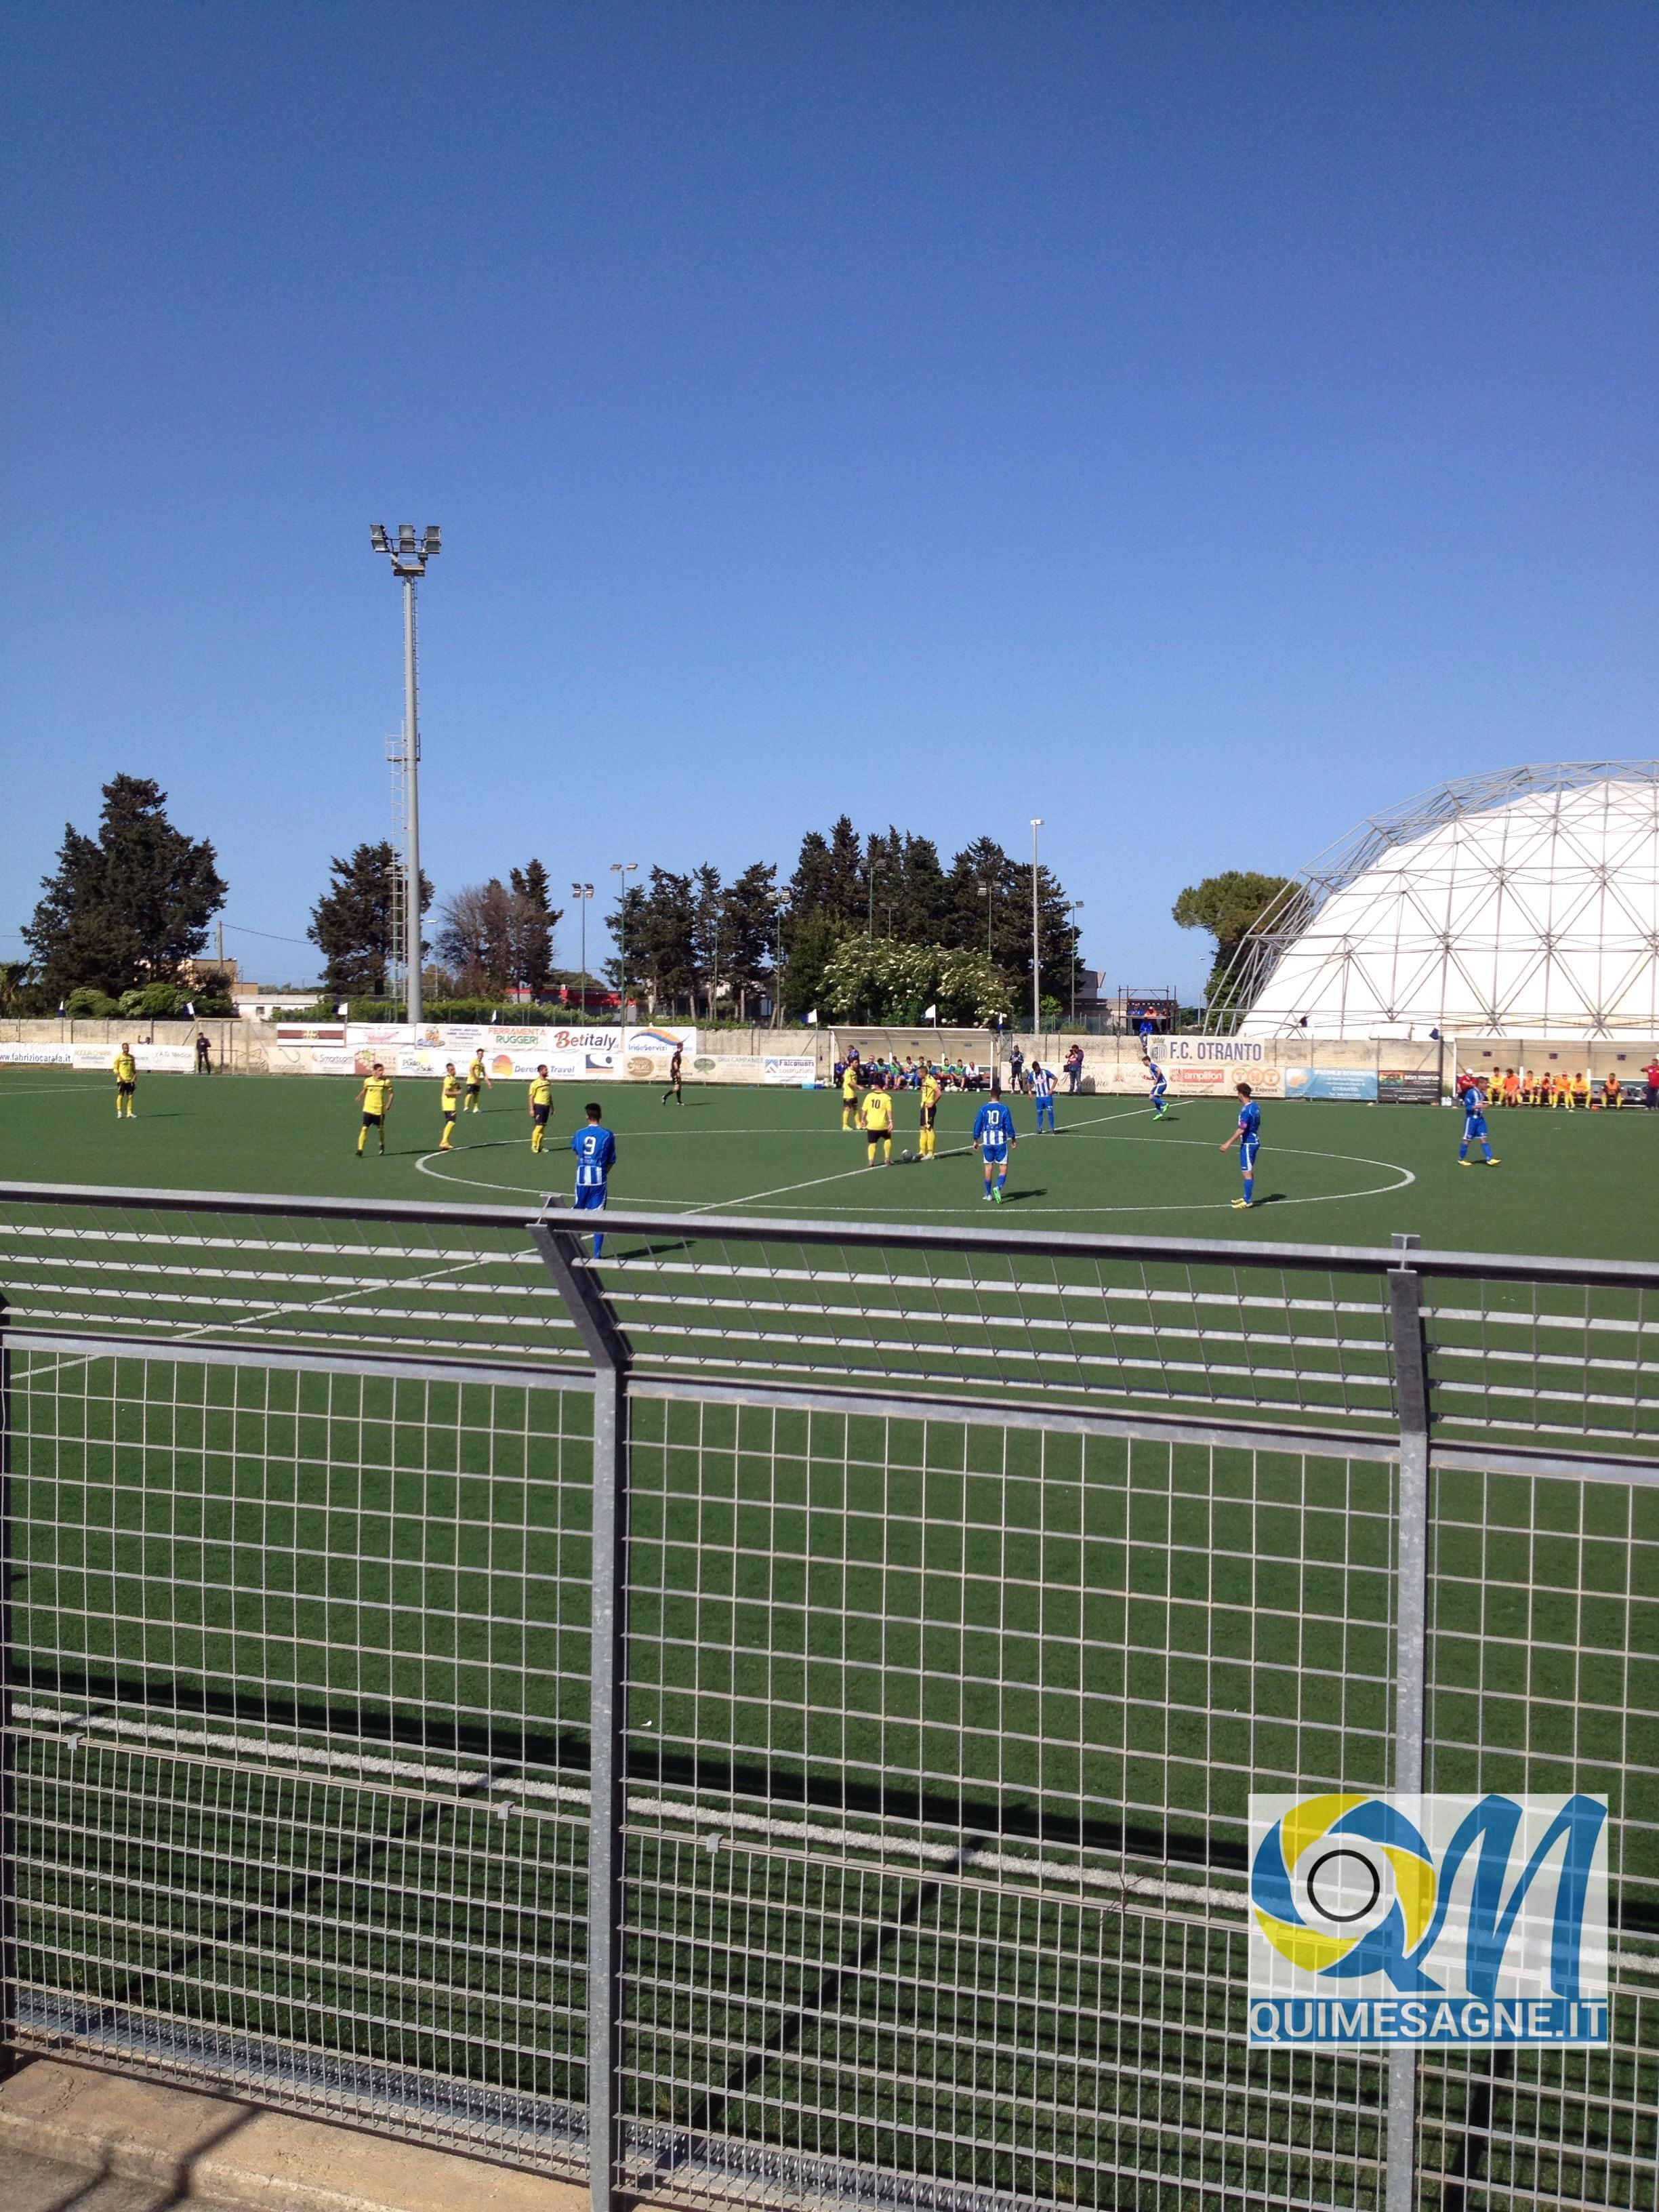 Mesagne pareggia ad Otranto, e domenica ritorna a disputare la finale playout.